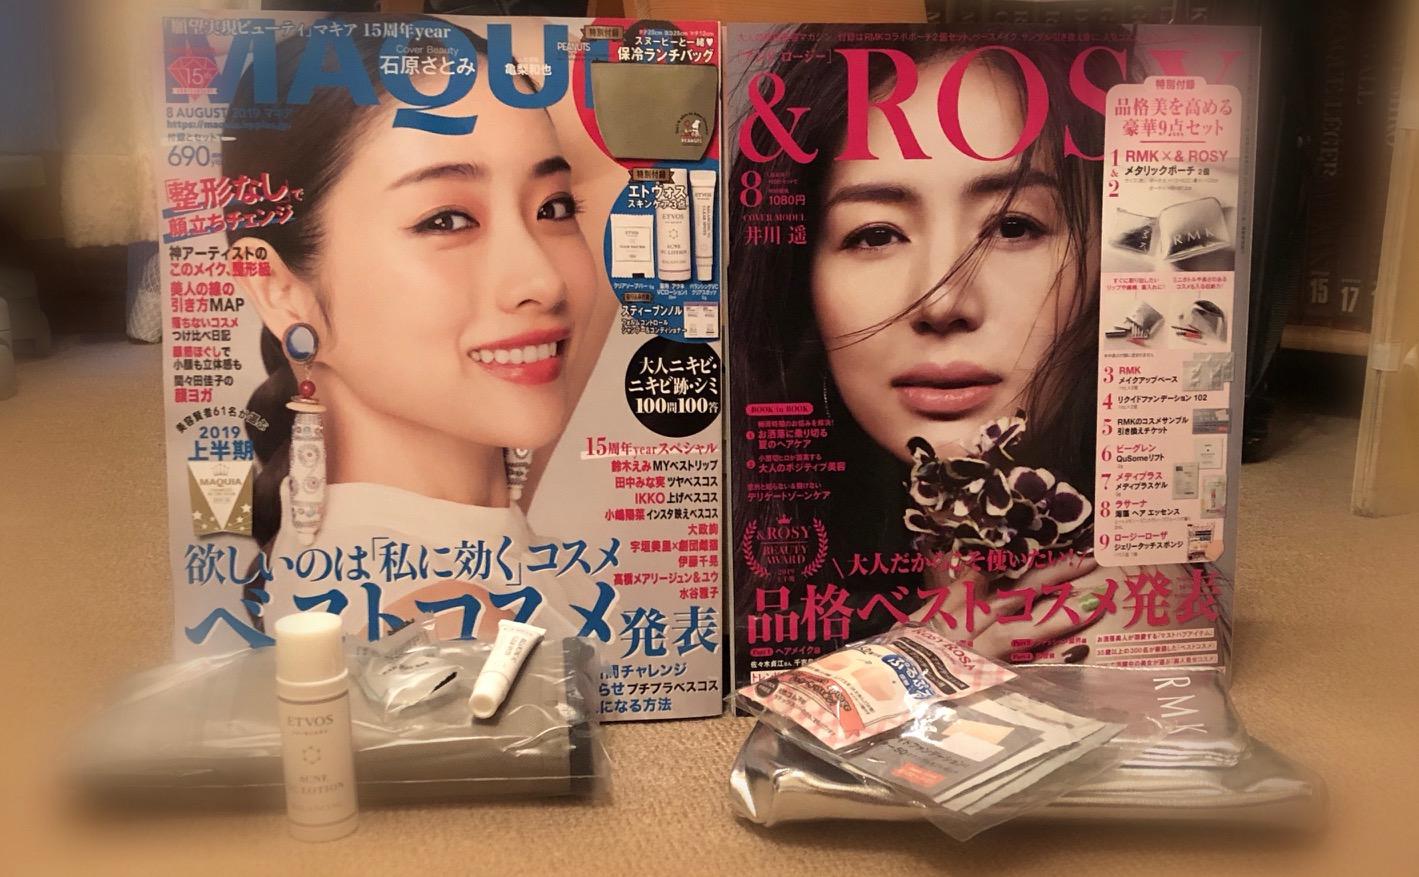 8月号 美容雑誌のレビュー マキア &ROSY!!!!